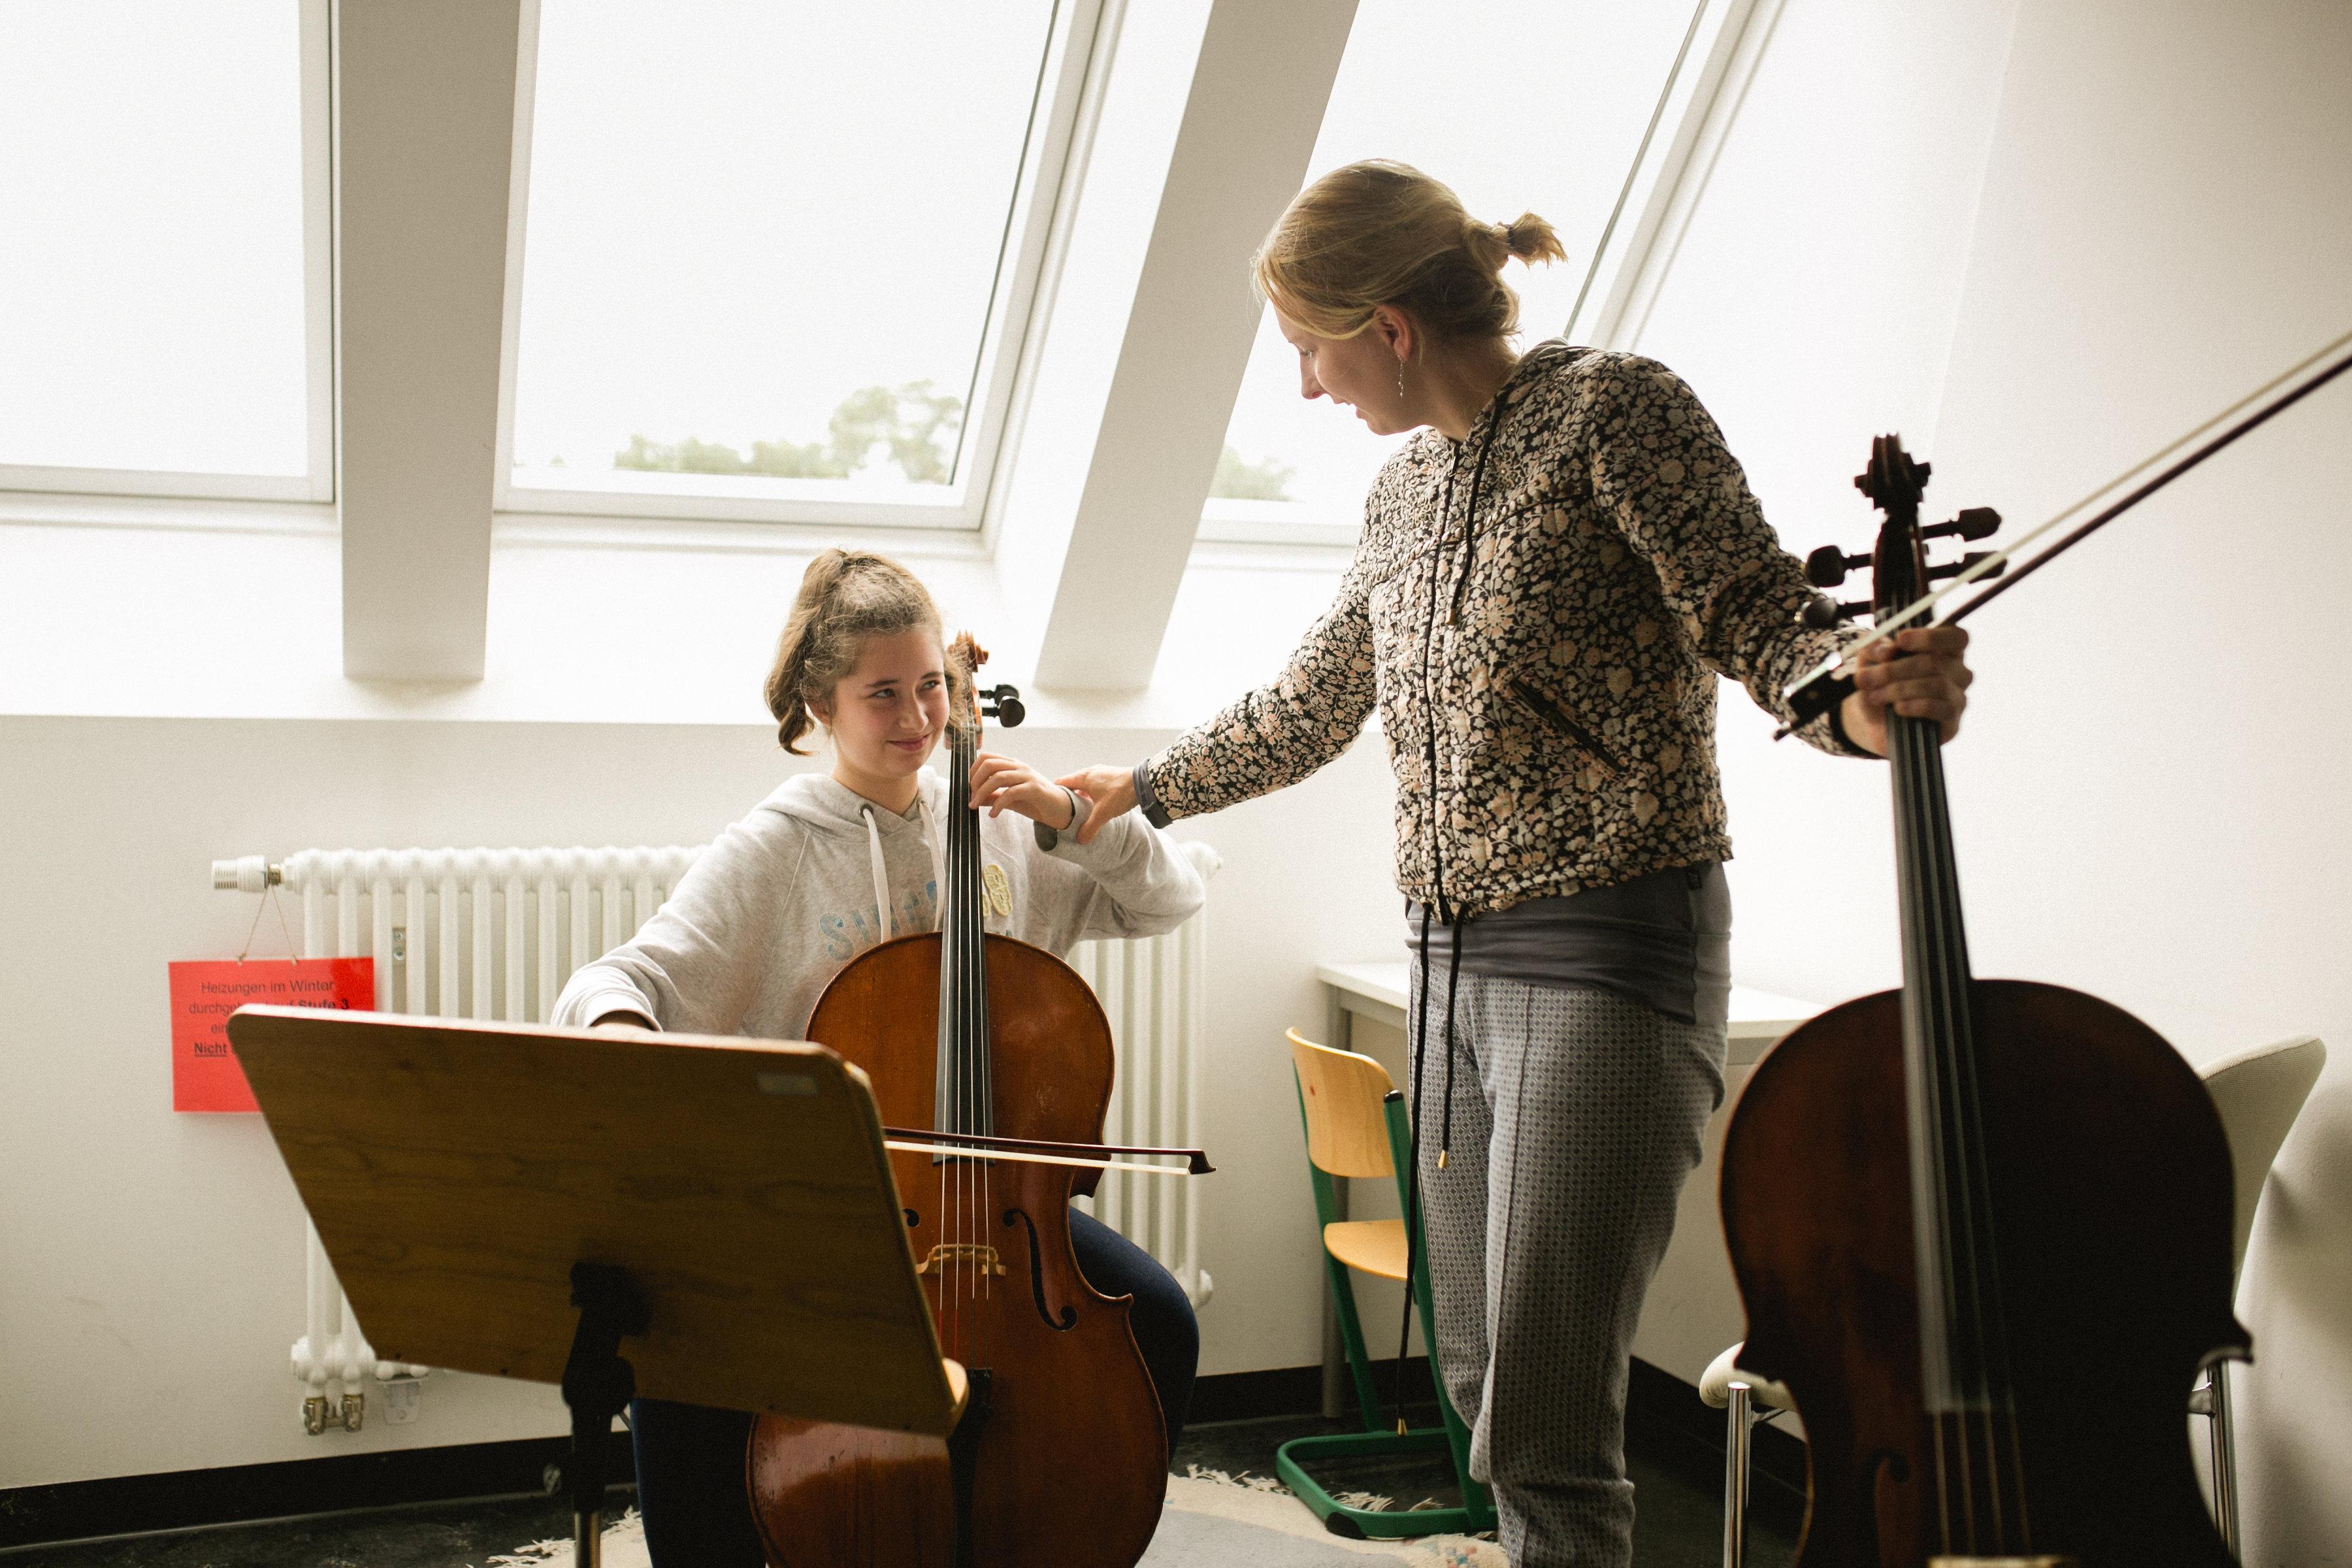 Und sie spielt Cello - So geht sächsisch.